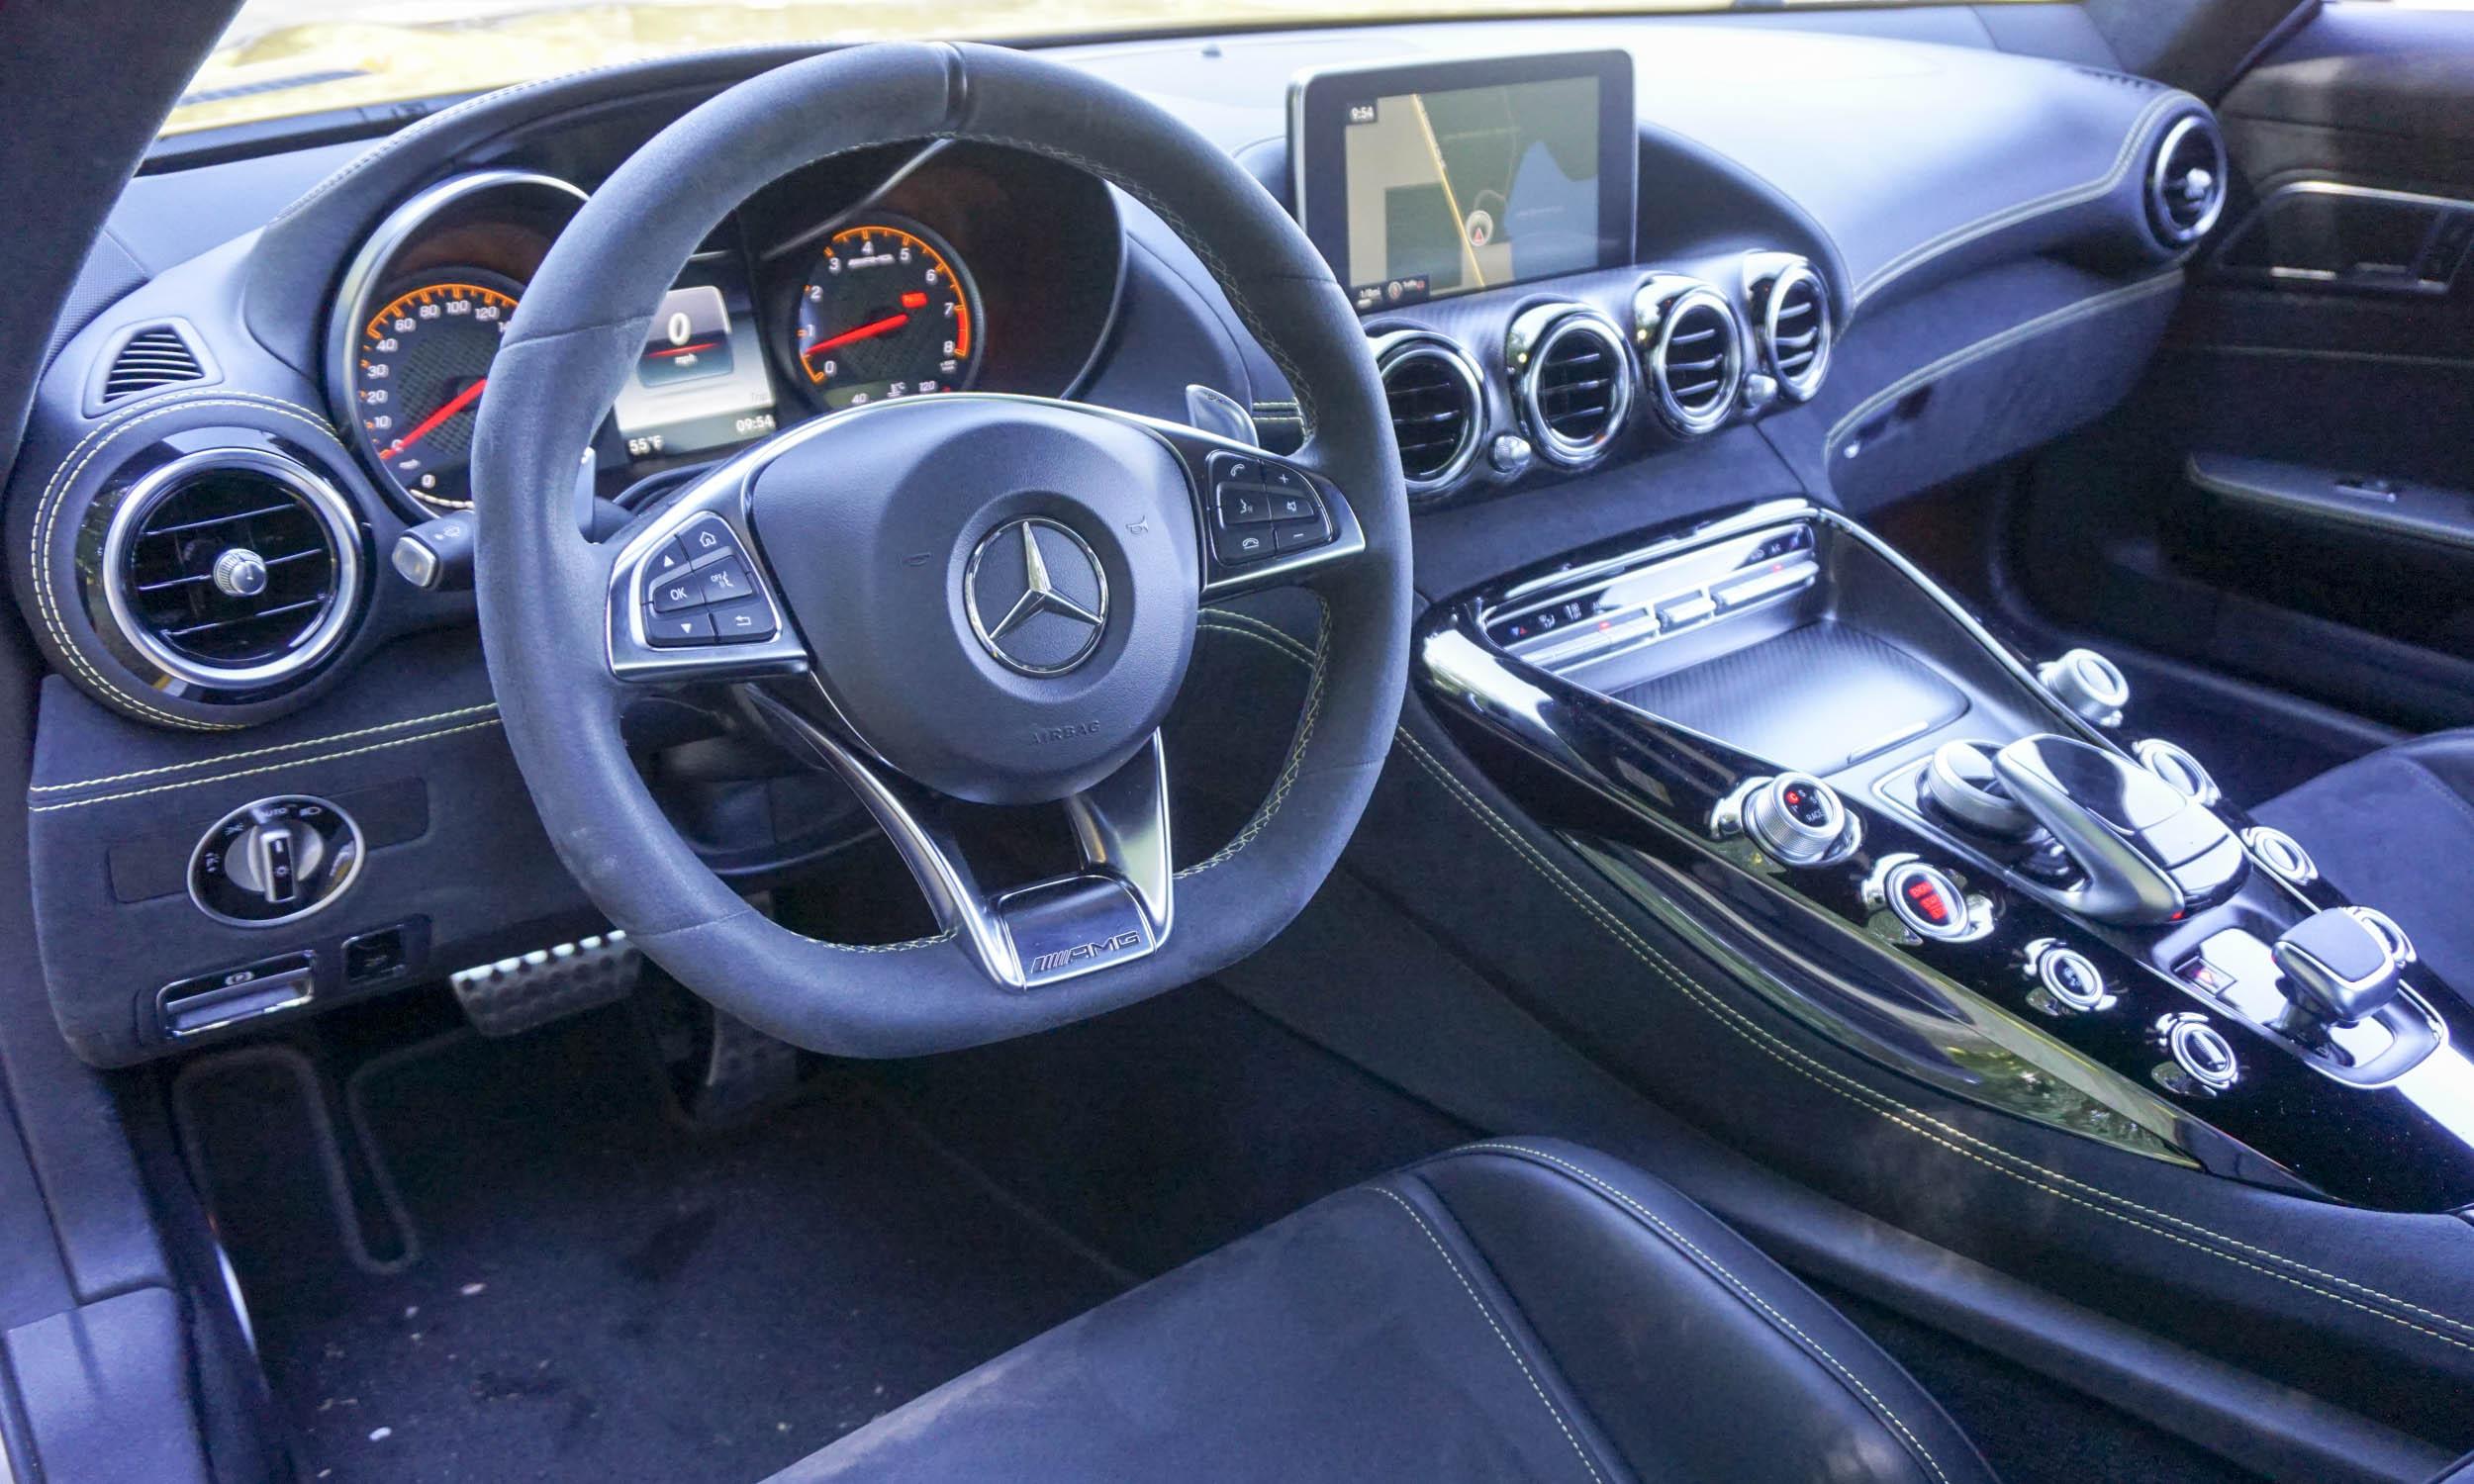 2016 mercedes amg gt s review autonxt rh autonxt net Manual Mercedes Clutch 1994 Mercedes E320 Manual